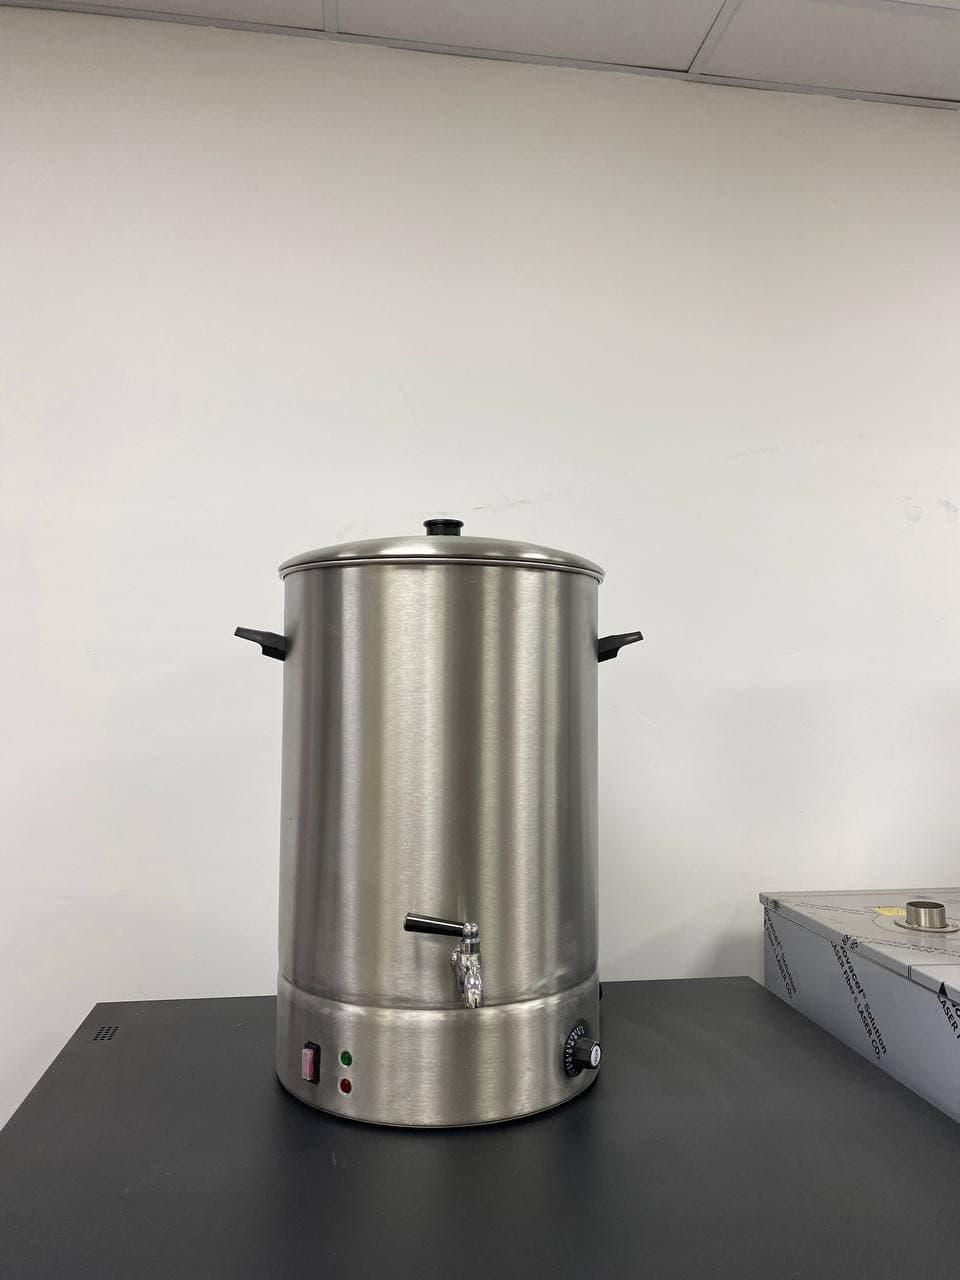 Чаераздатчик, Кипятильник 30 литров. Без Водомера